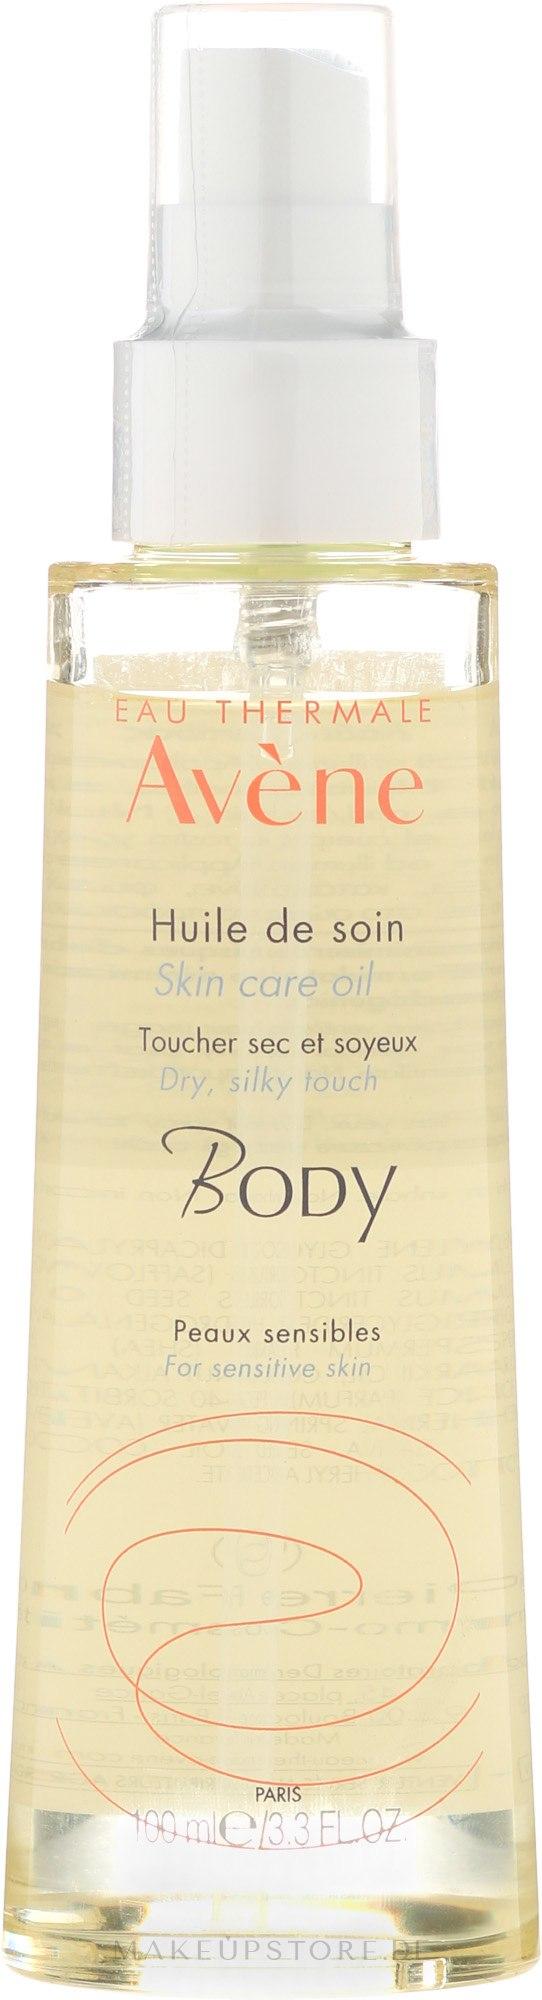 Trockenes pflegendes Öl-Spray für Körper, Gesicht und Haar - Avene Soin Corporels Huile de Soin Spray Gevoelige Huid — Bild 100 ml